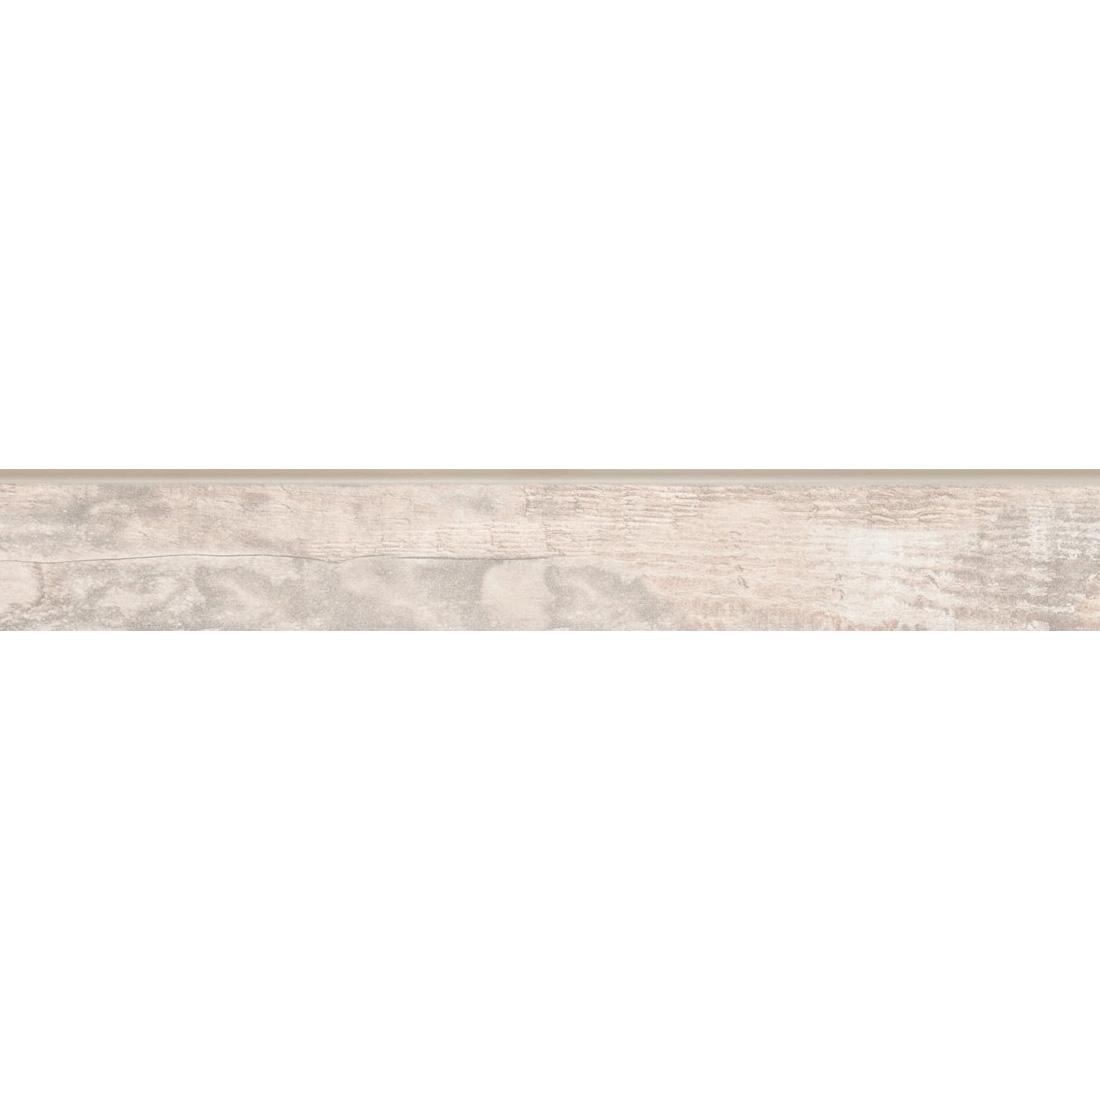 Rovere bianco (zlxlr3) изображение 0